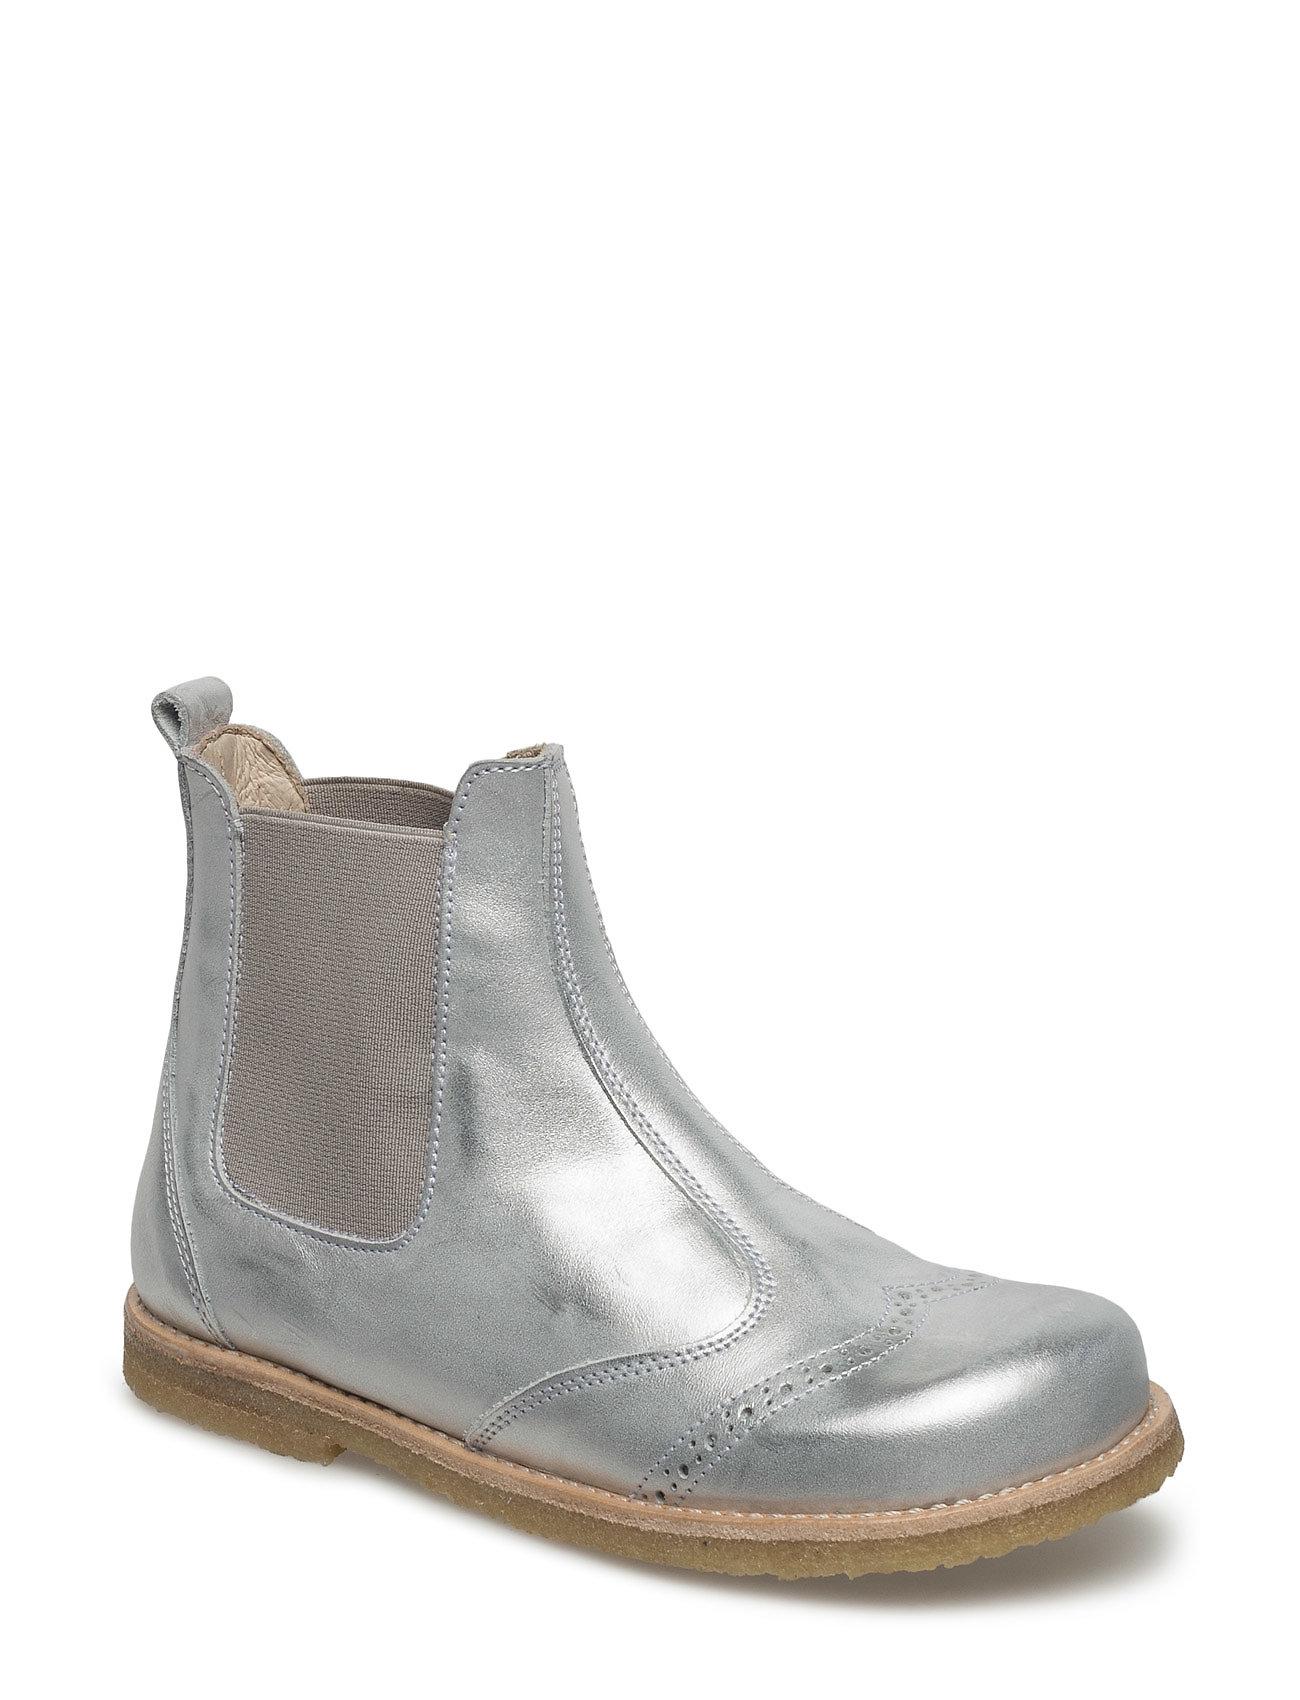 Chelsea Boot Pom pom Støvler til Børn i